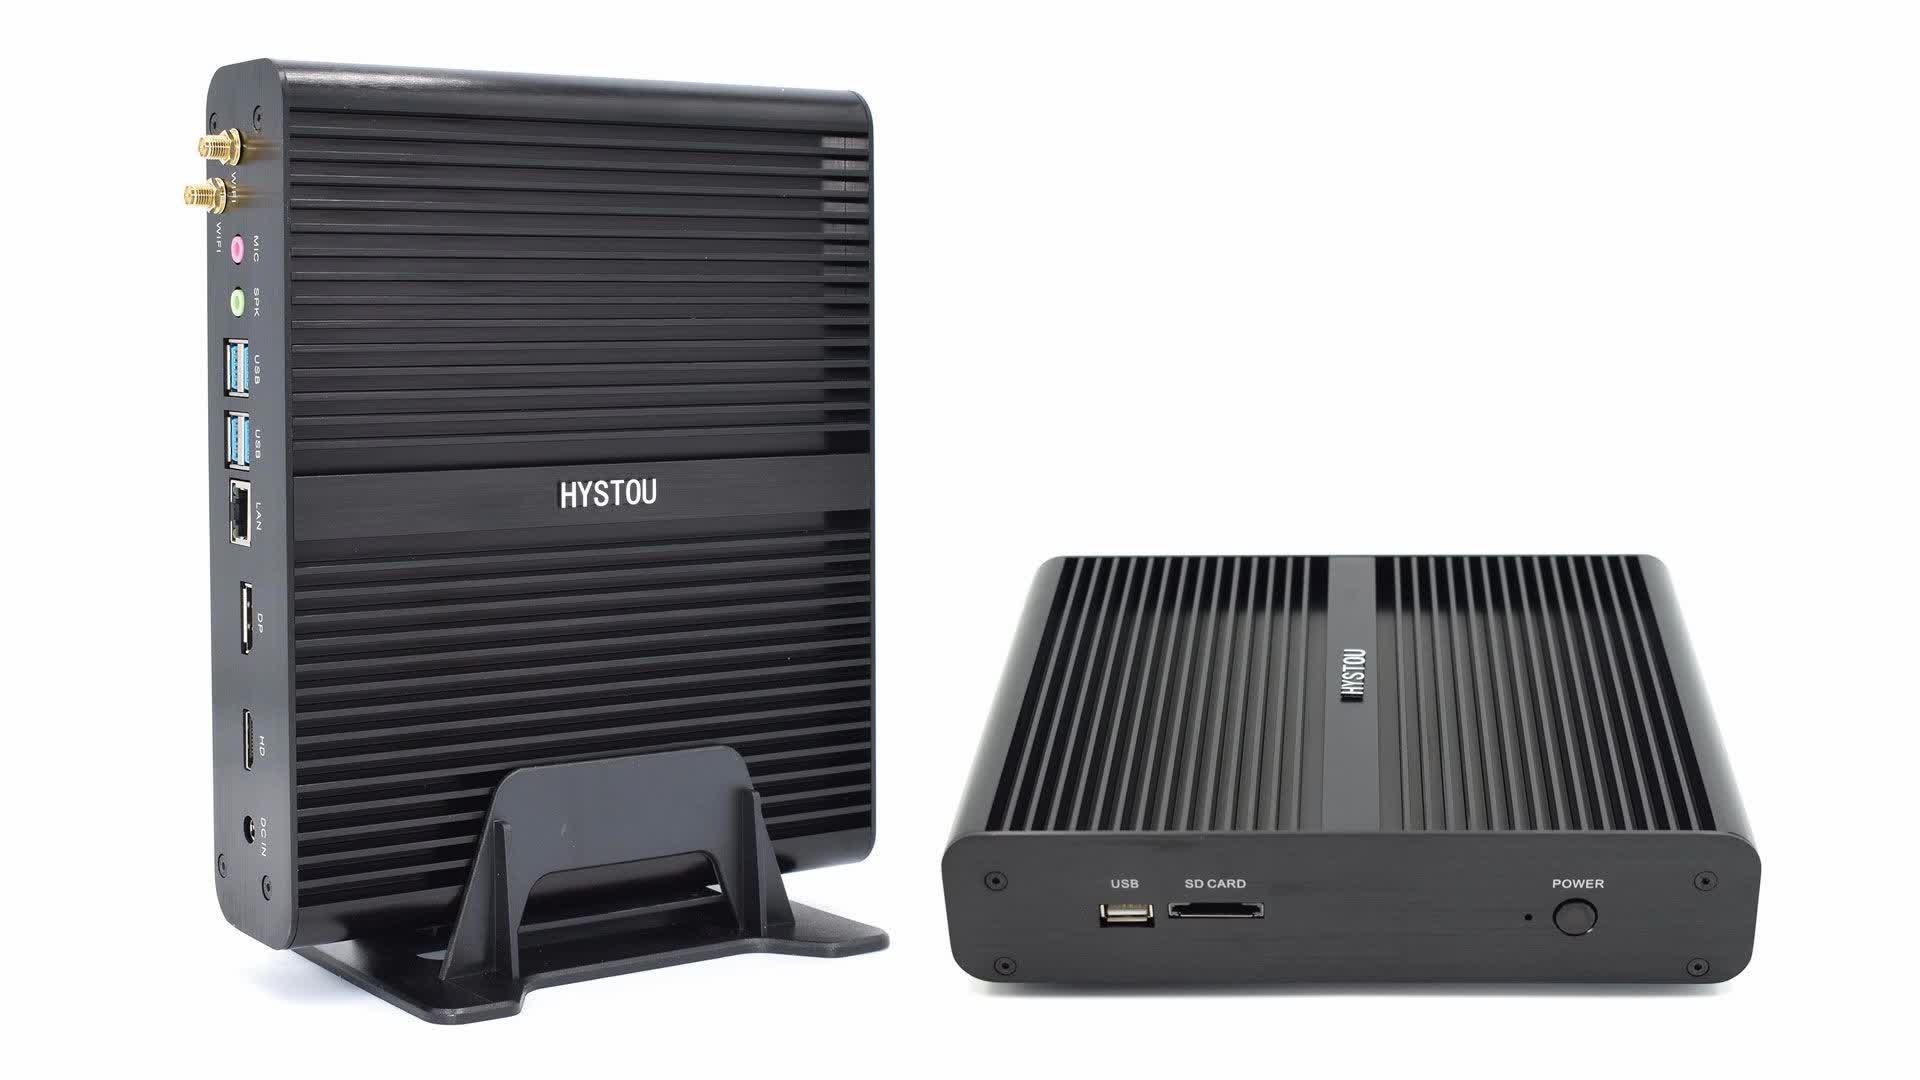 Hystou 新ミニ pc i7 と 8th 世代 i7 8550u デスクトップ pc 無線 lan 機能デュアルコアミニコンピュータ